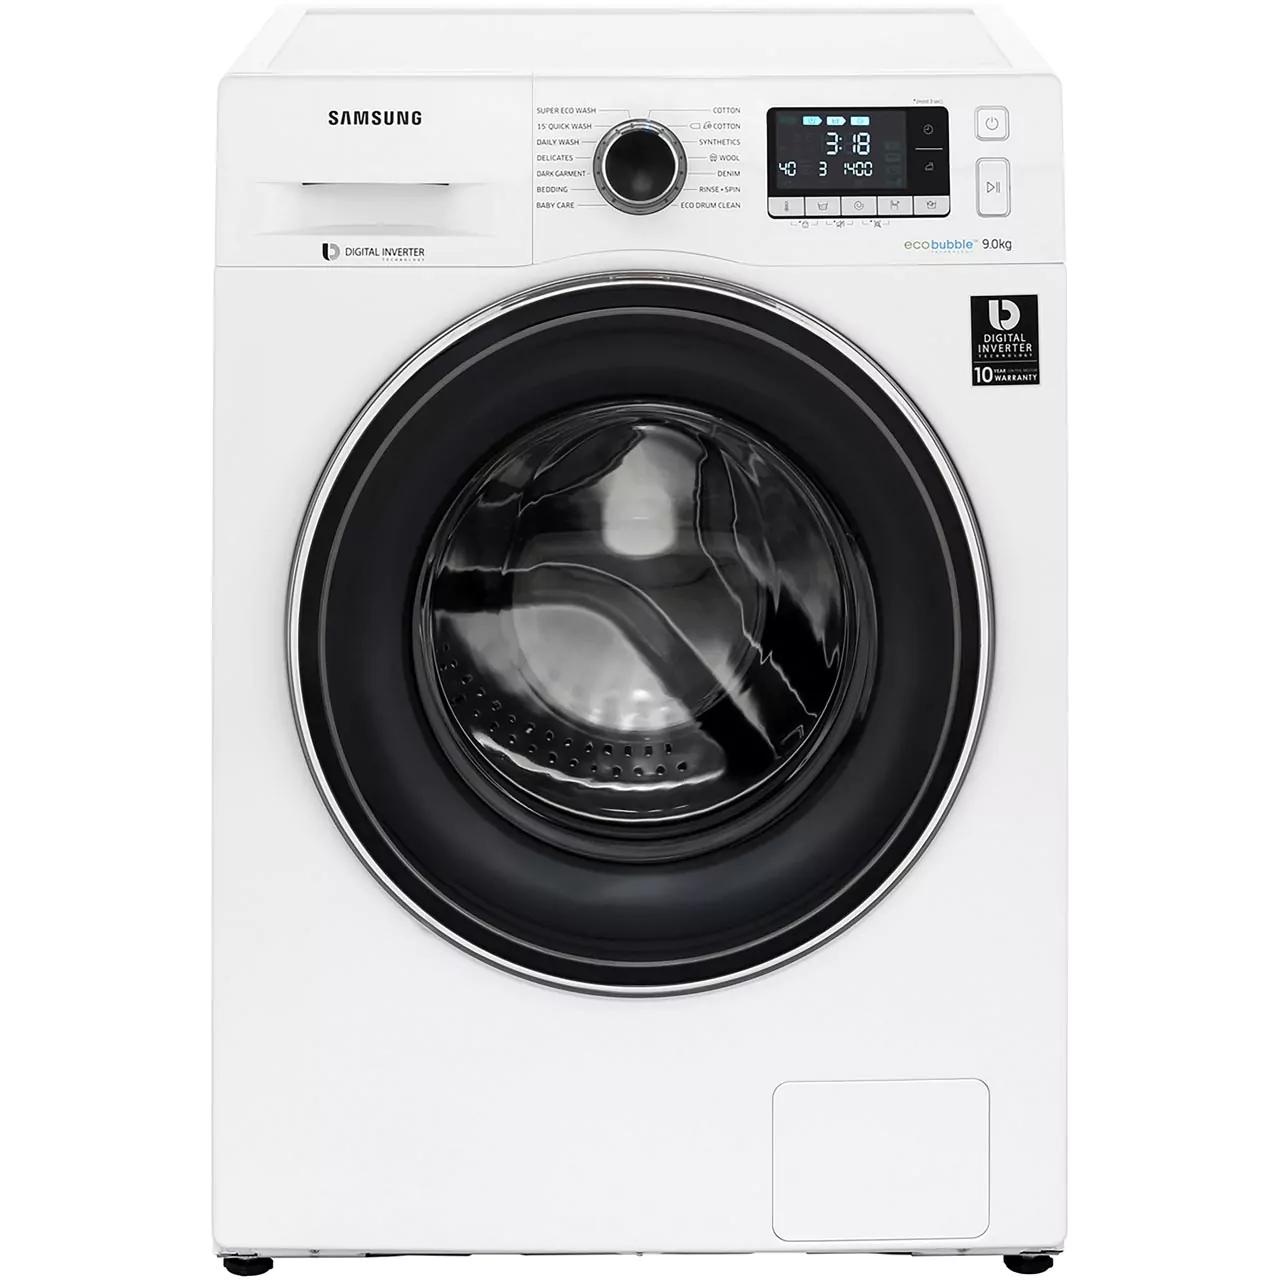 Samsung Ecobubble WW90J5456FW 9Kg Washing Machine with 5 year warranty £359 @ AO